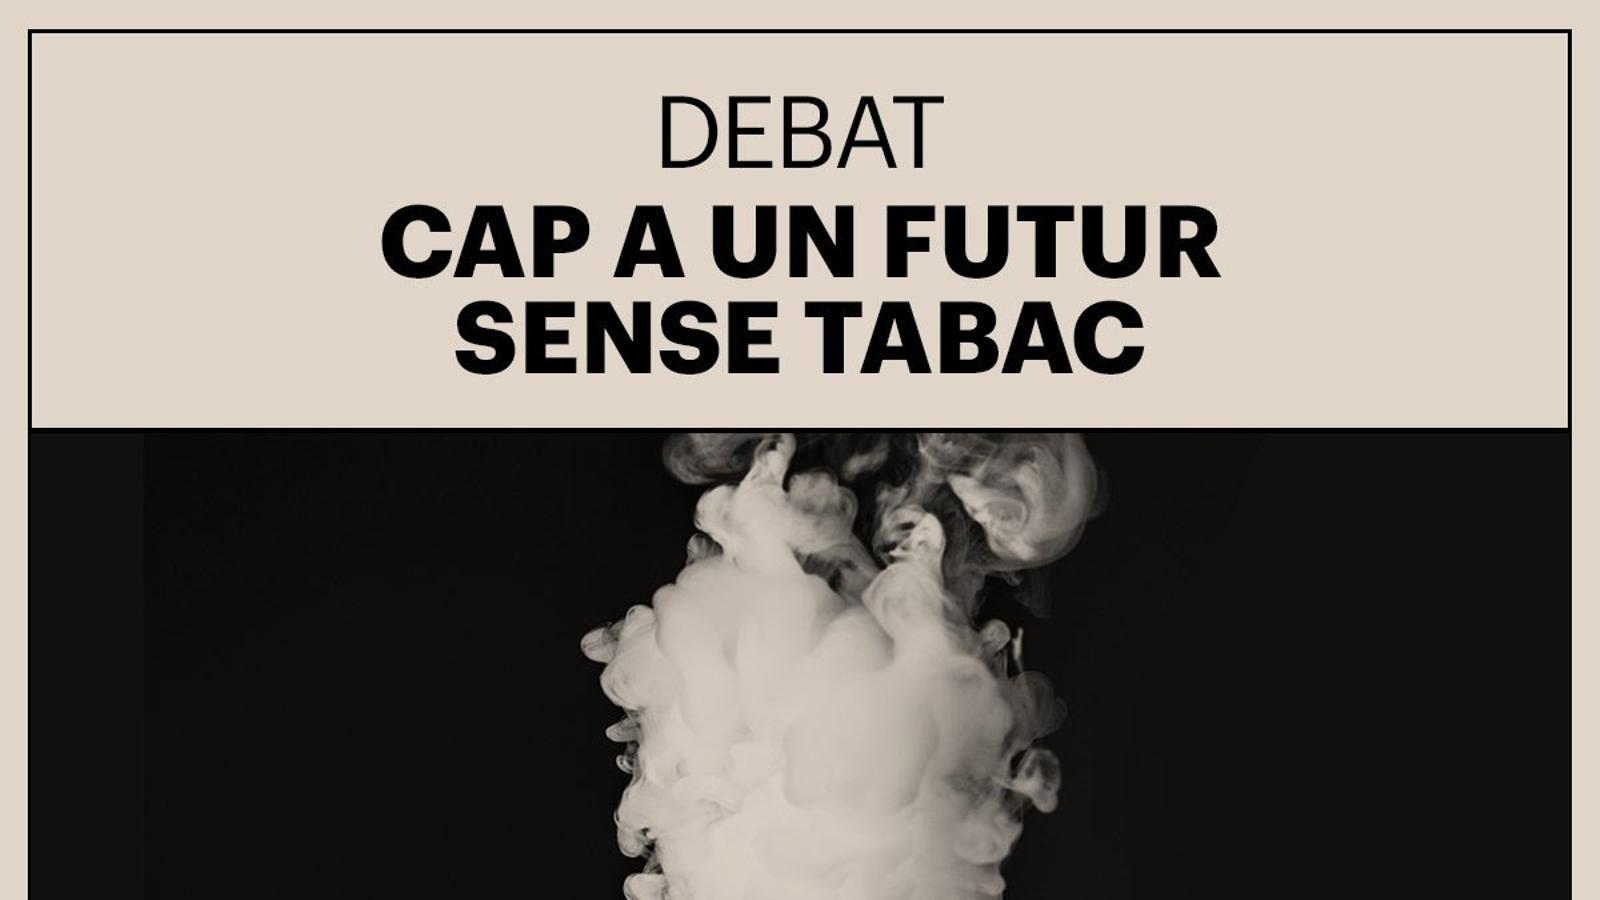 Cap a un futur sense tabac